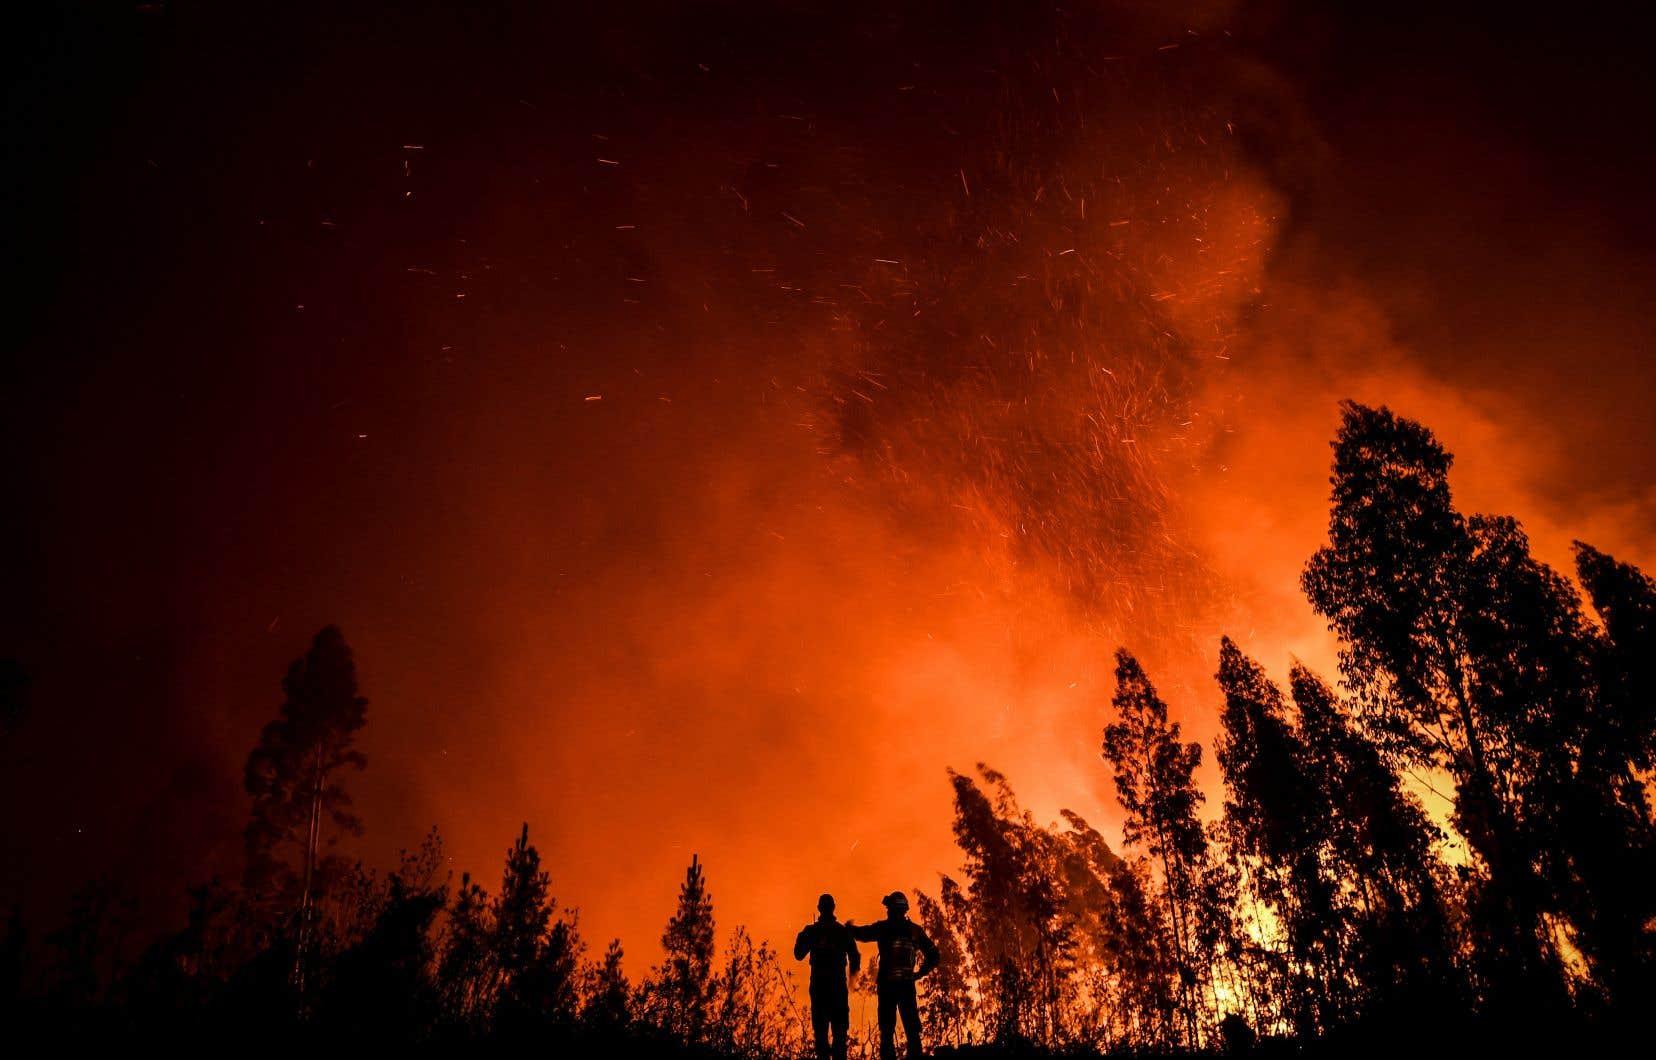 Le retour à la normale nous replacera sur notre trajectoire climatique dangereuse.